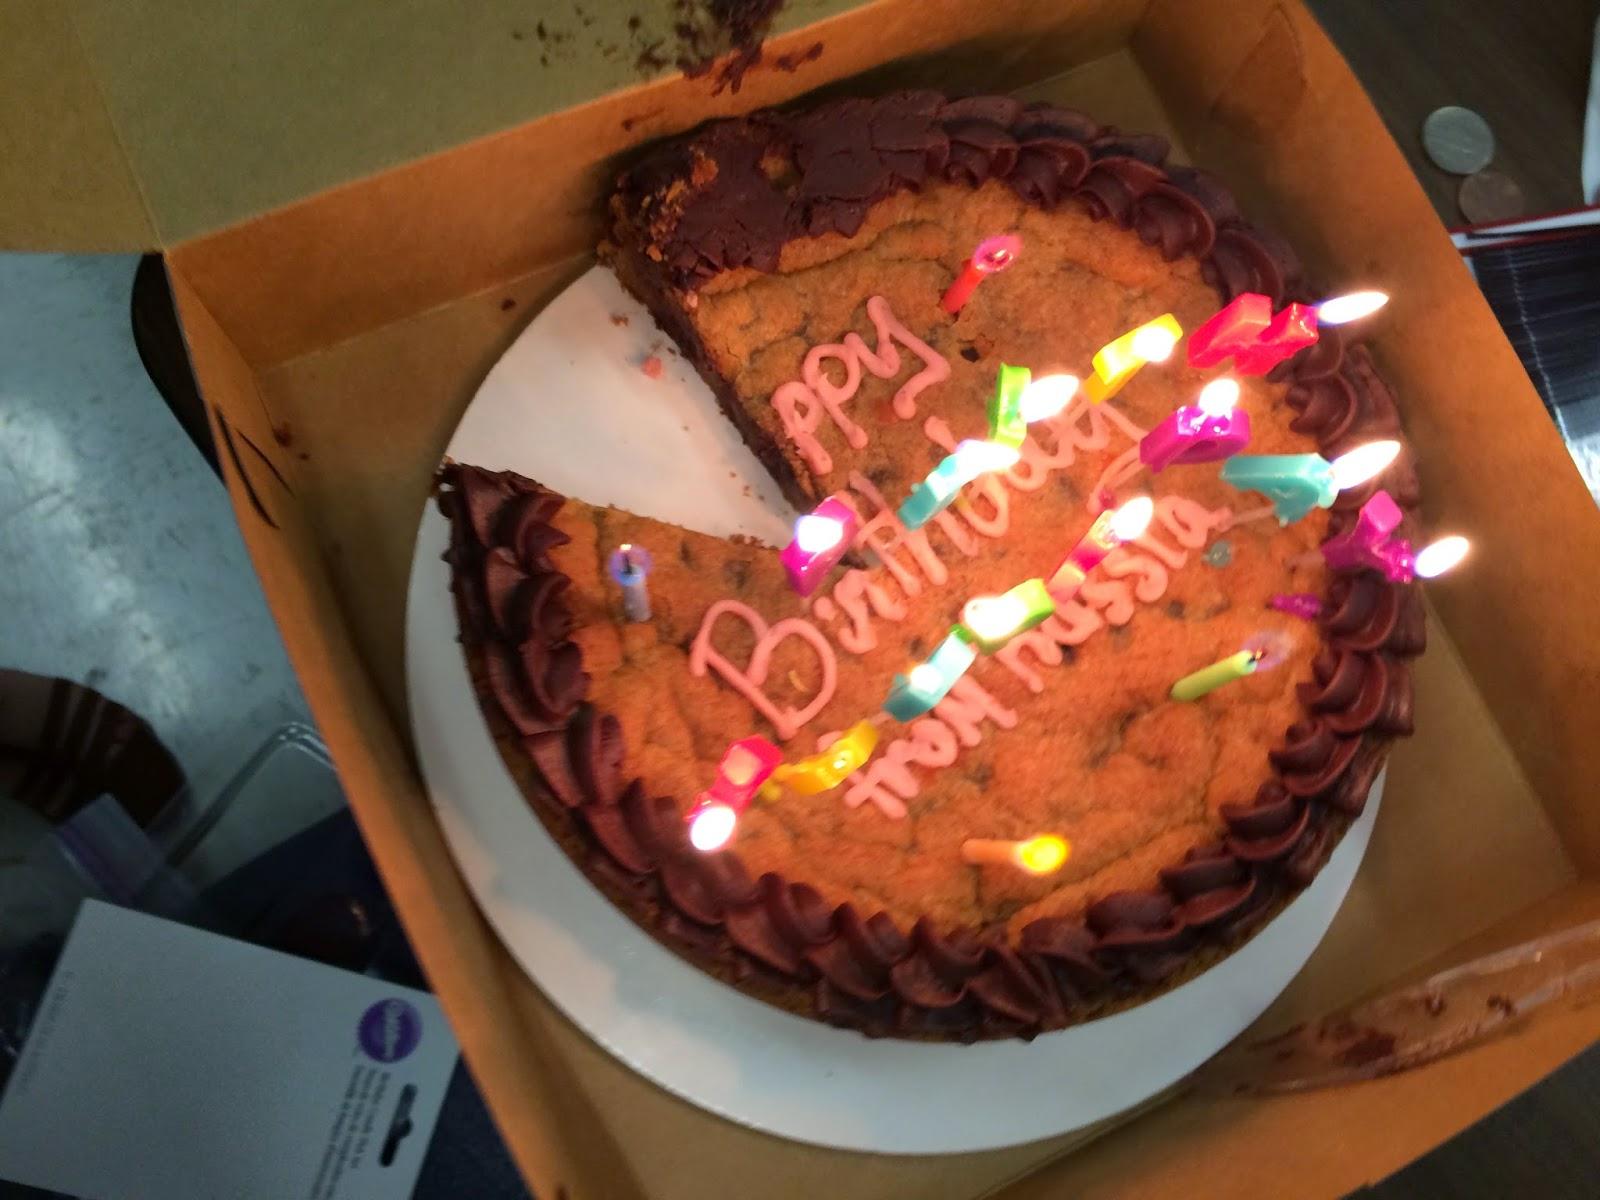 Русскую студентку подарили на день рождения смотреть онлайн 19 фотография